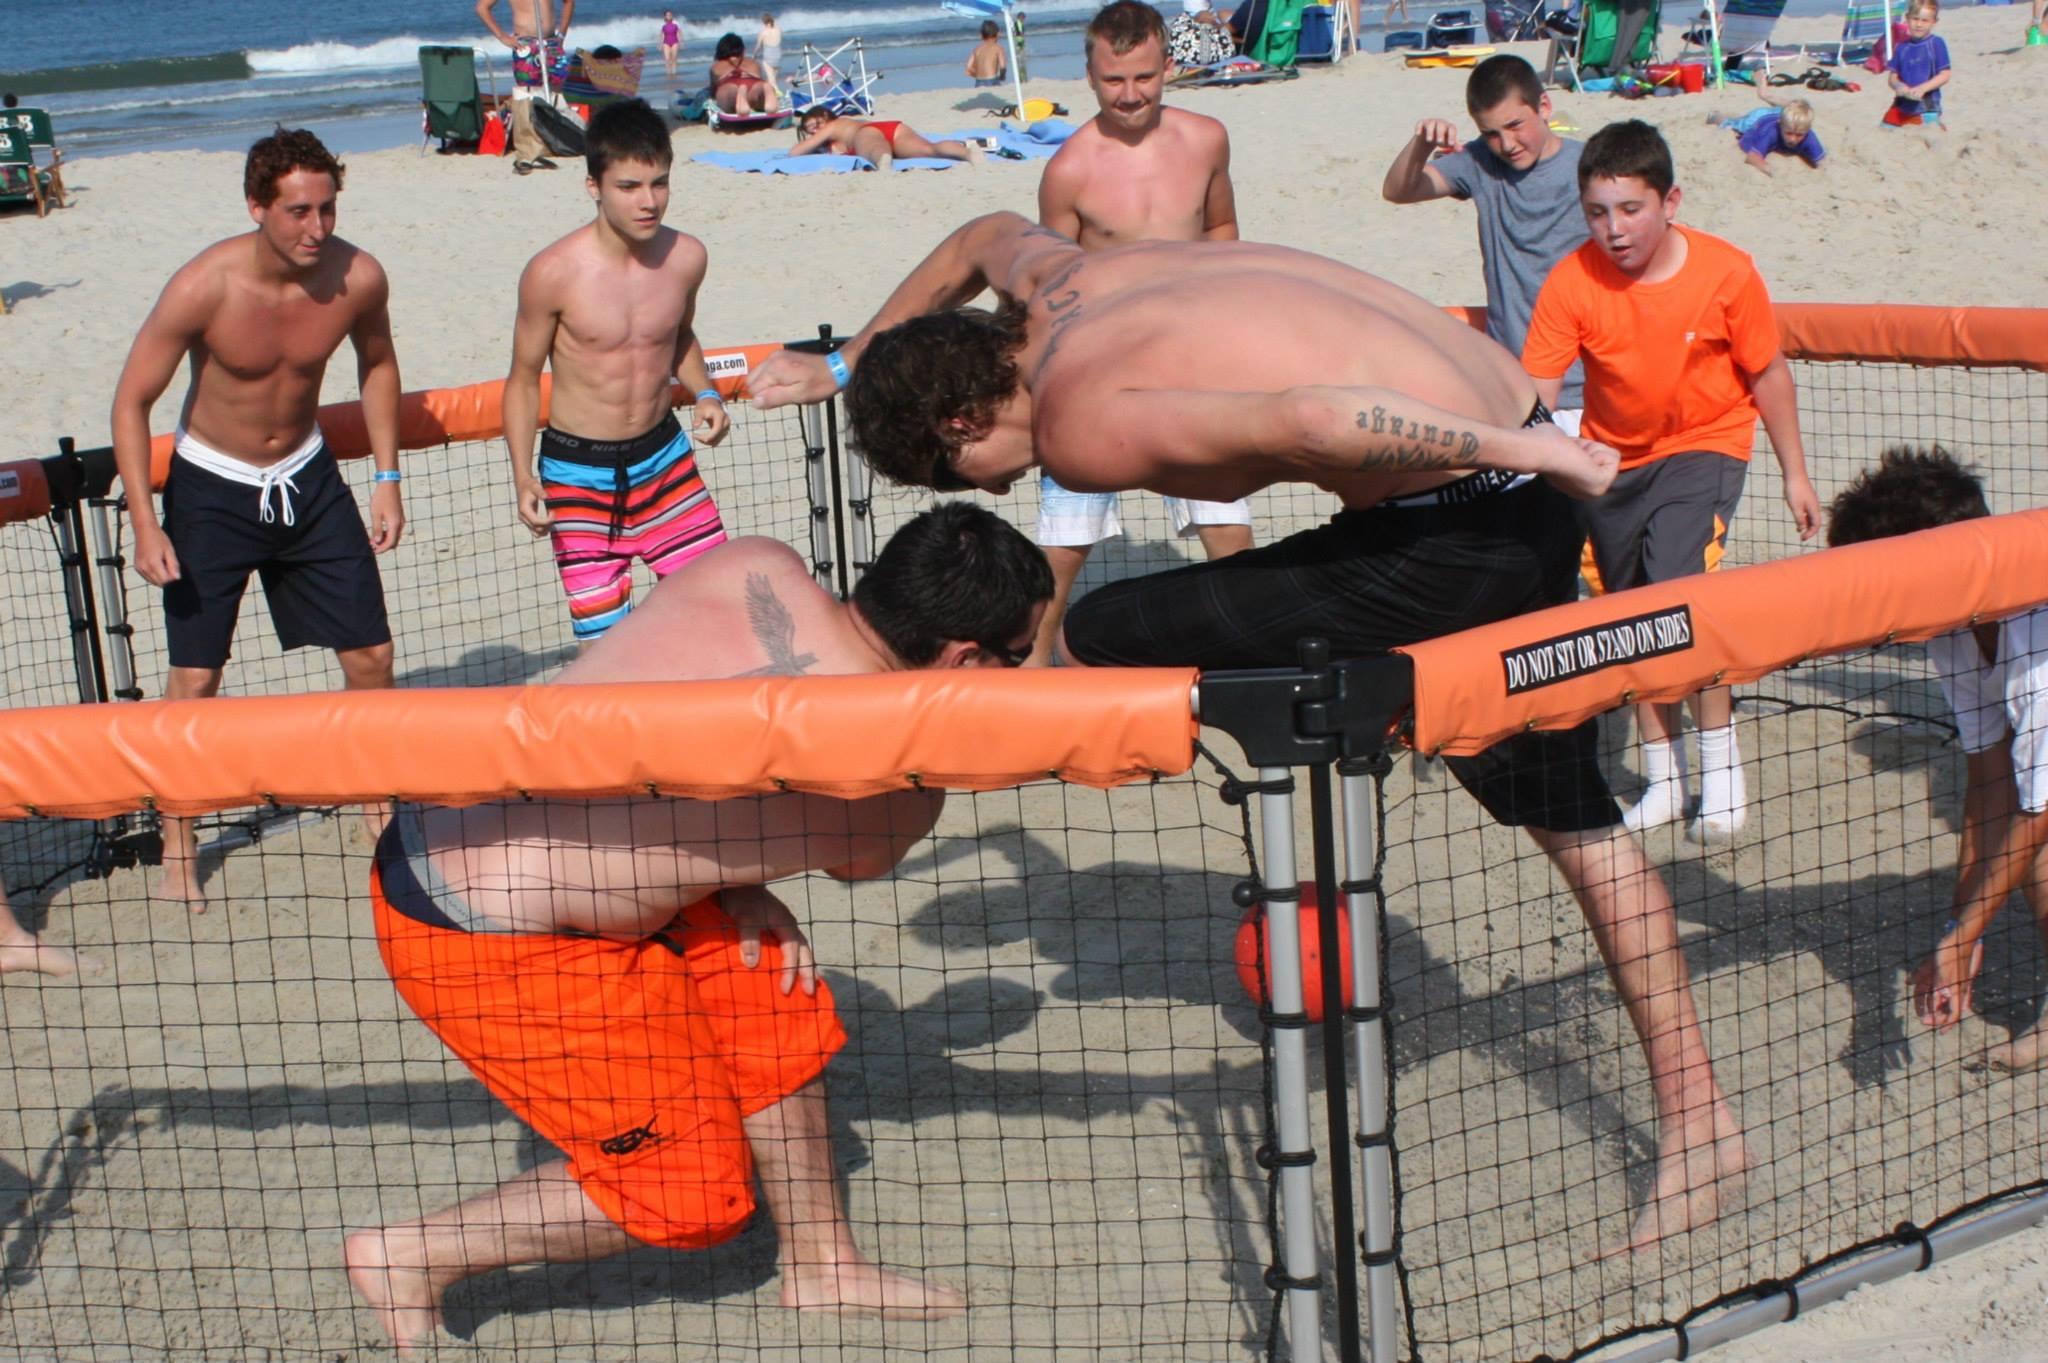 GaGa Pit on beach